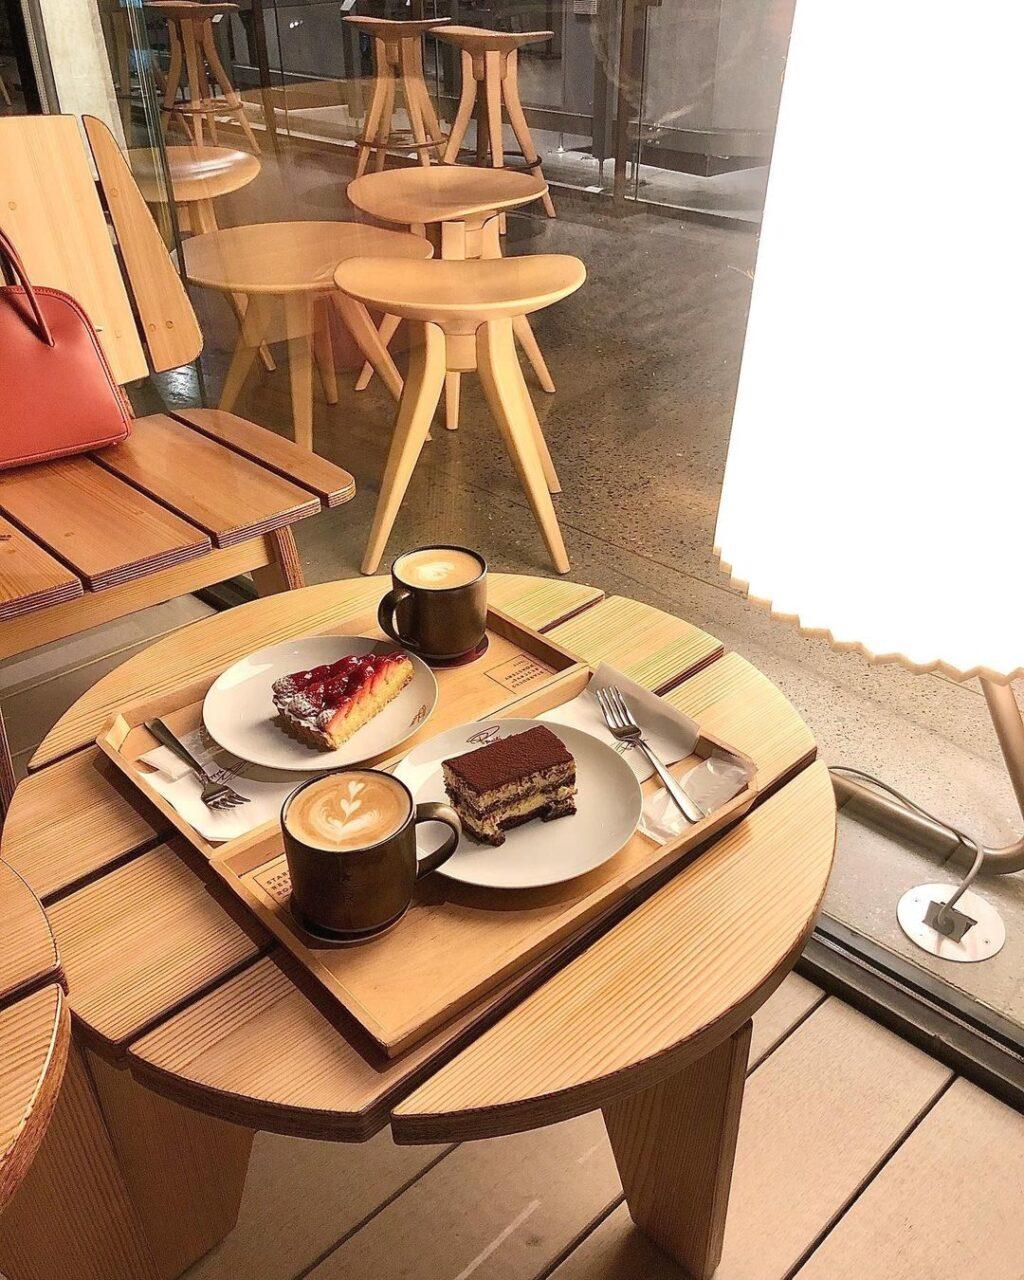 日本で食べられる場所は4店舗!イタリアンべーカリーが楽しめる『Princi』を紹介